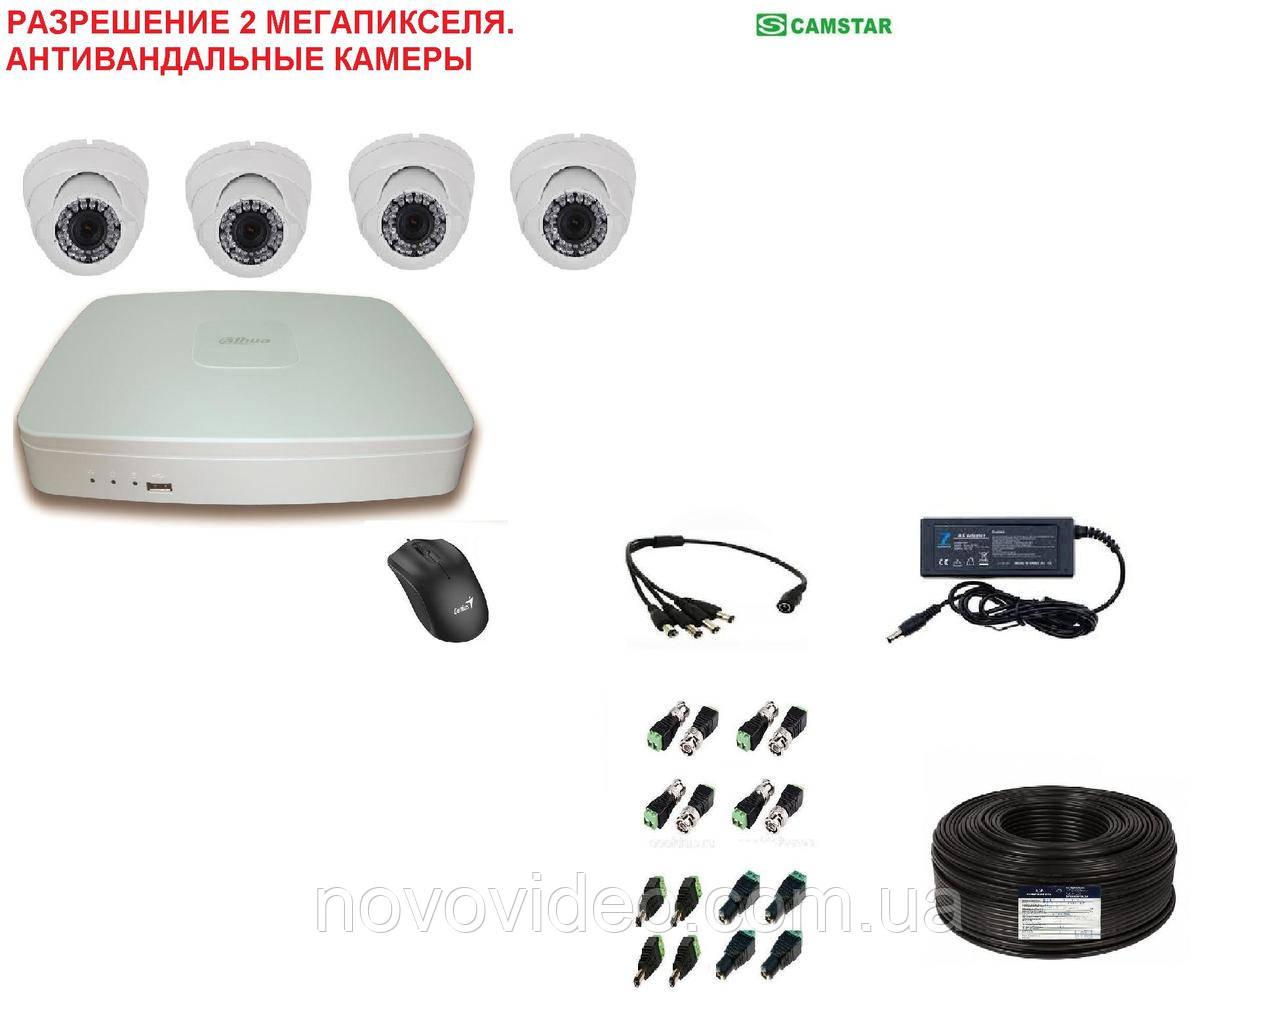 Комплект видеонаблюдения Camstar на 2 Мп для улицы и помещения